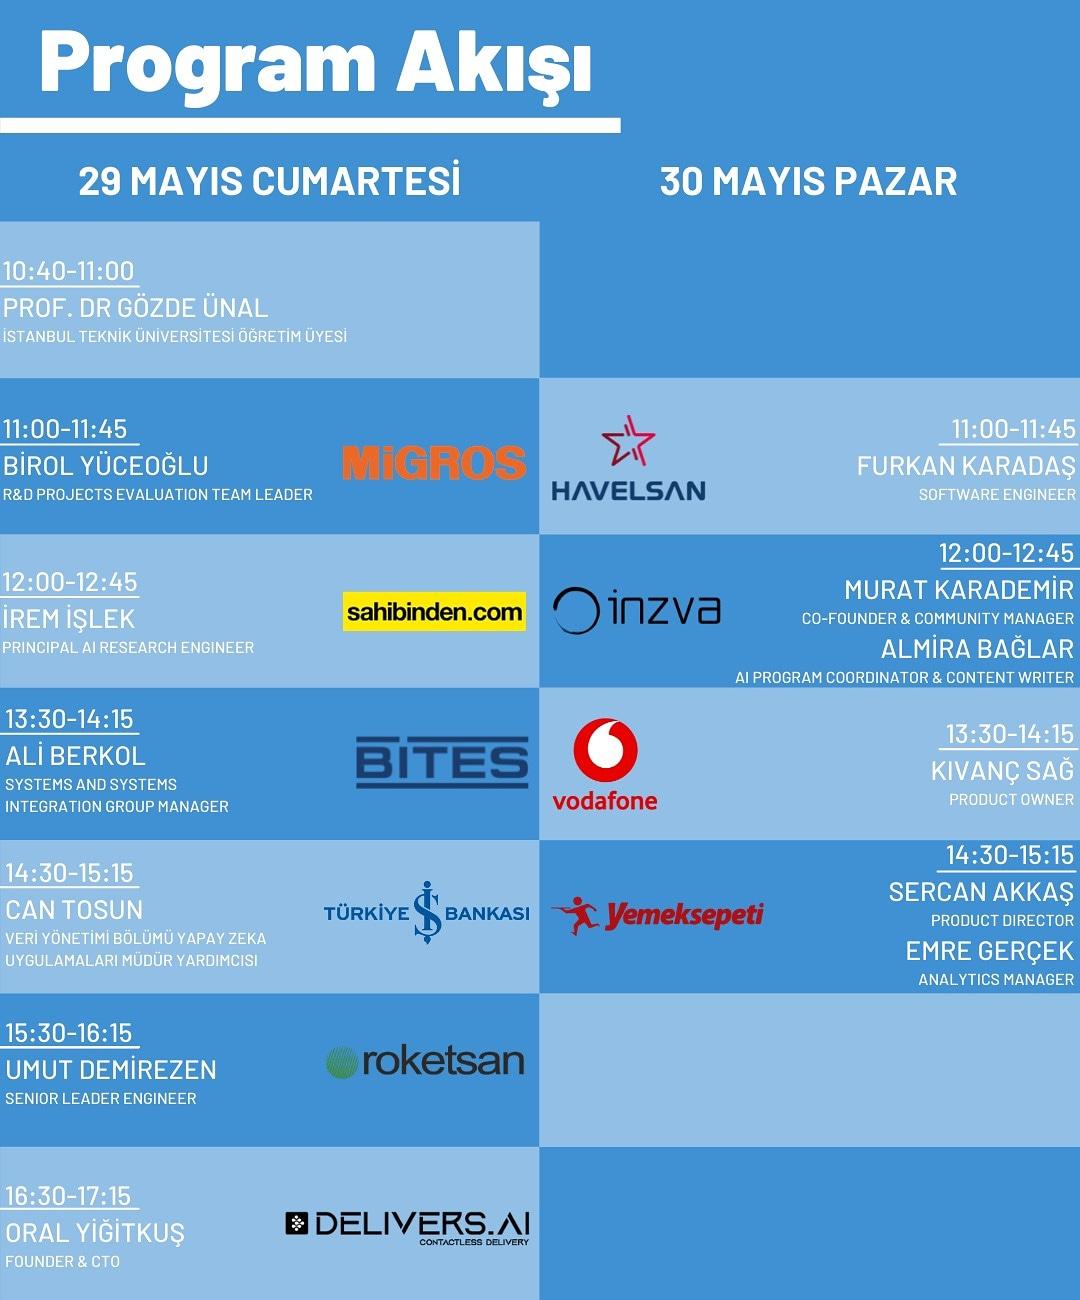 İTÜ Yapay Zeka Öğrenci Kulübü'nün Düzenlediği Yapay Zeka Zirvesi 2021, Bugün Başladı